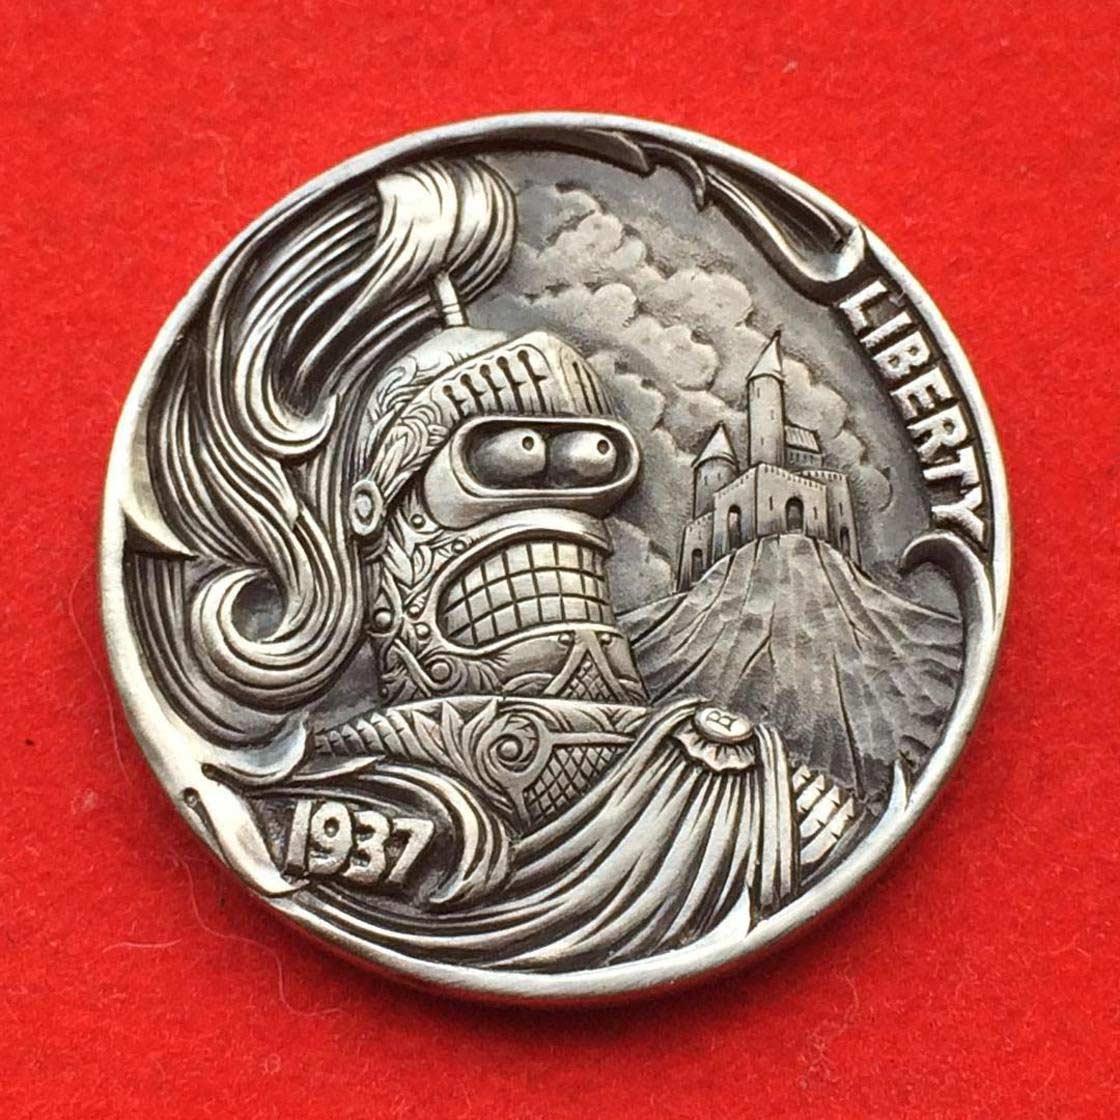 Wenn Münzen zu Popkultur-Skulpturen werden Roman-Booteen-hobo-nickel_02